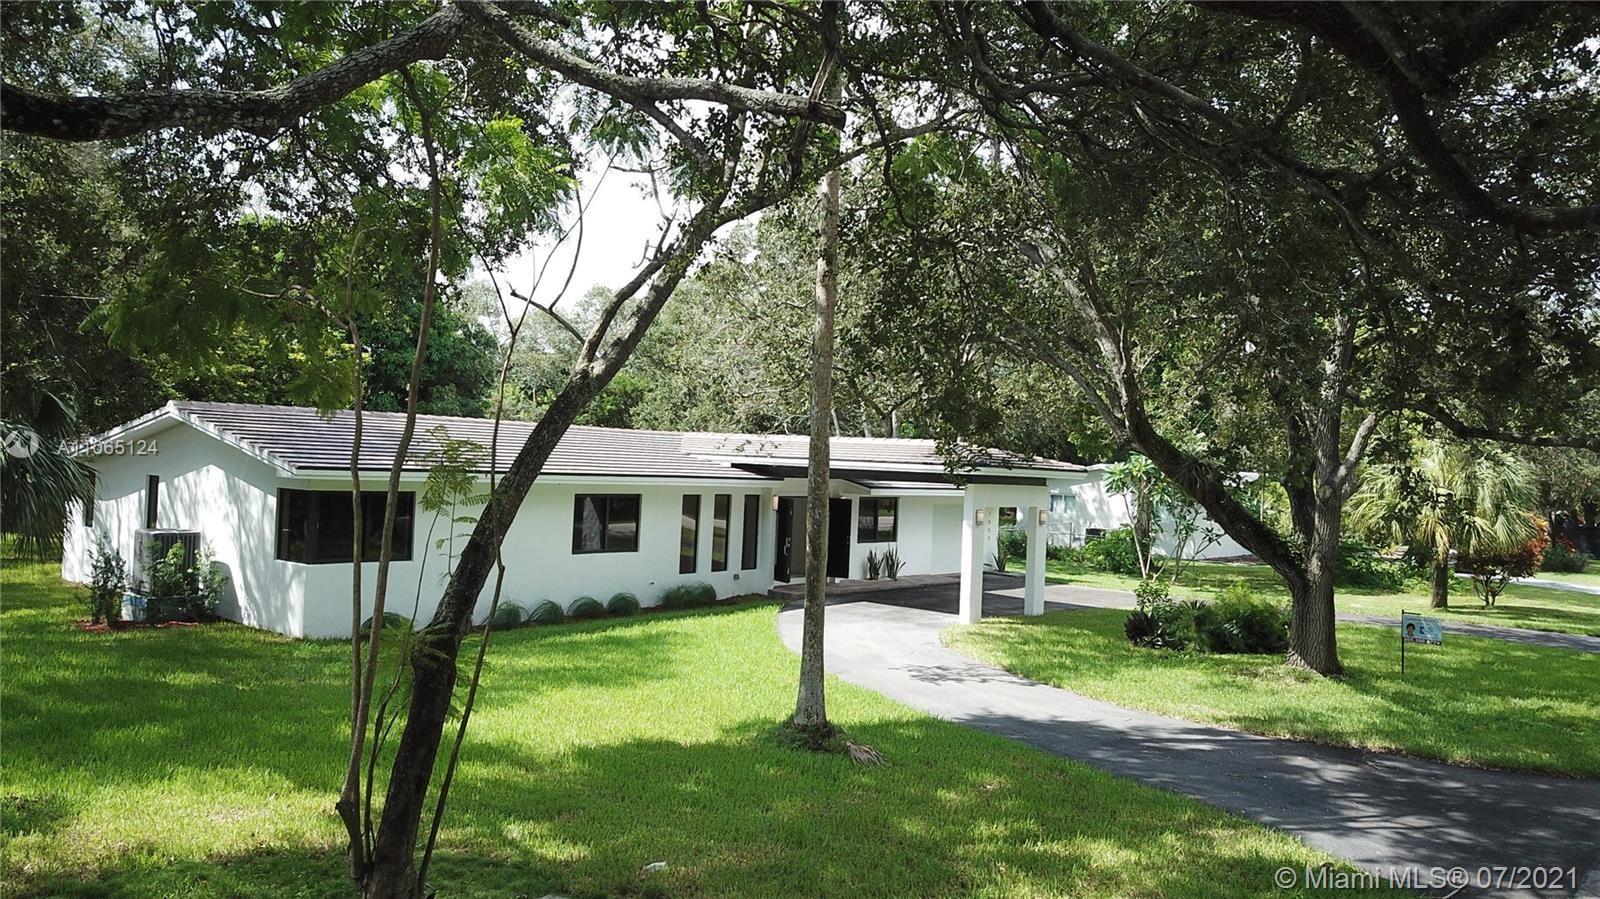 7800 SW 98th St, Miami, FL 33156 - #: A11065124